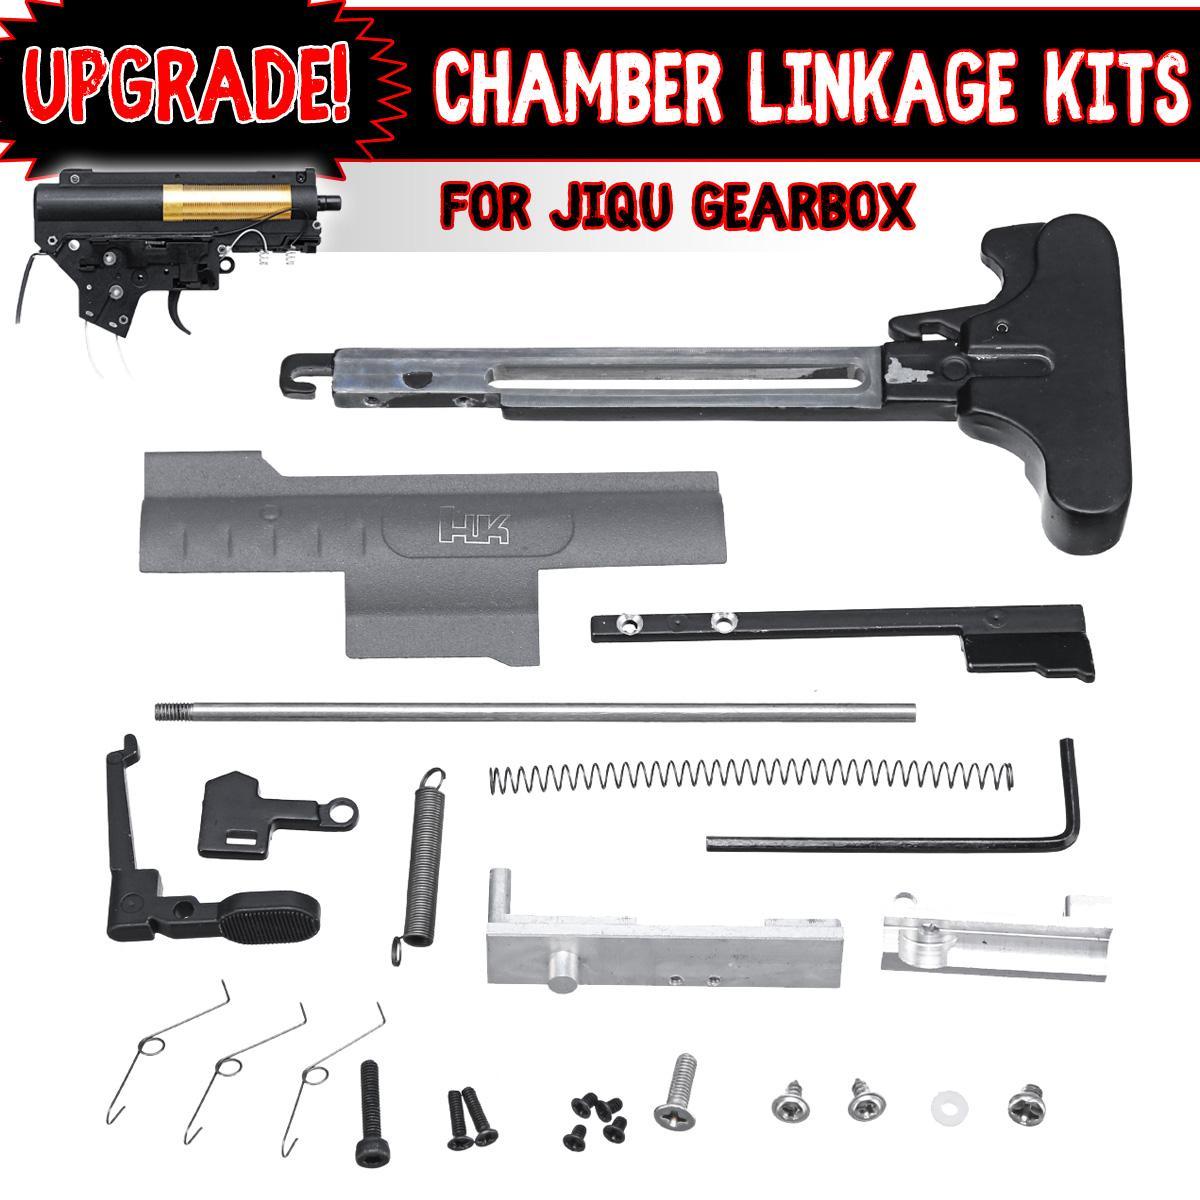 Kit de tringlerie de chambre en métal poignée curseur ressort pour boîte de vitesses Jiqu Gel Ball blaster jeux d'eau jouets pistolets accessoires de remplacement